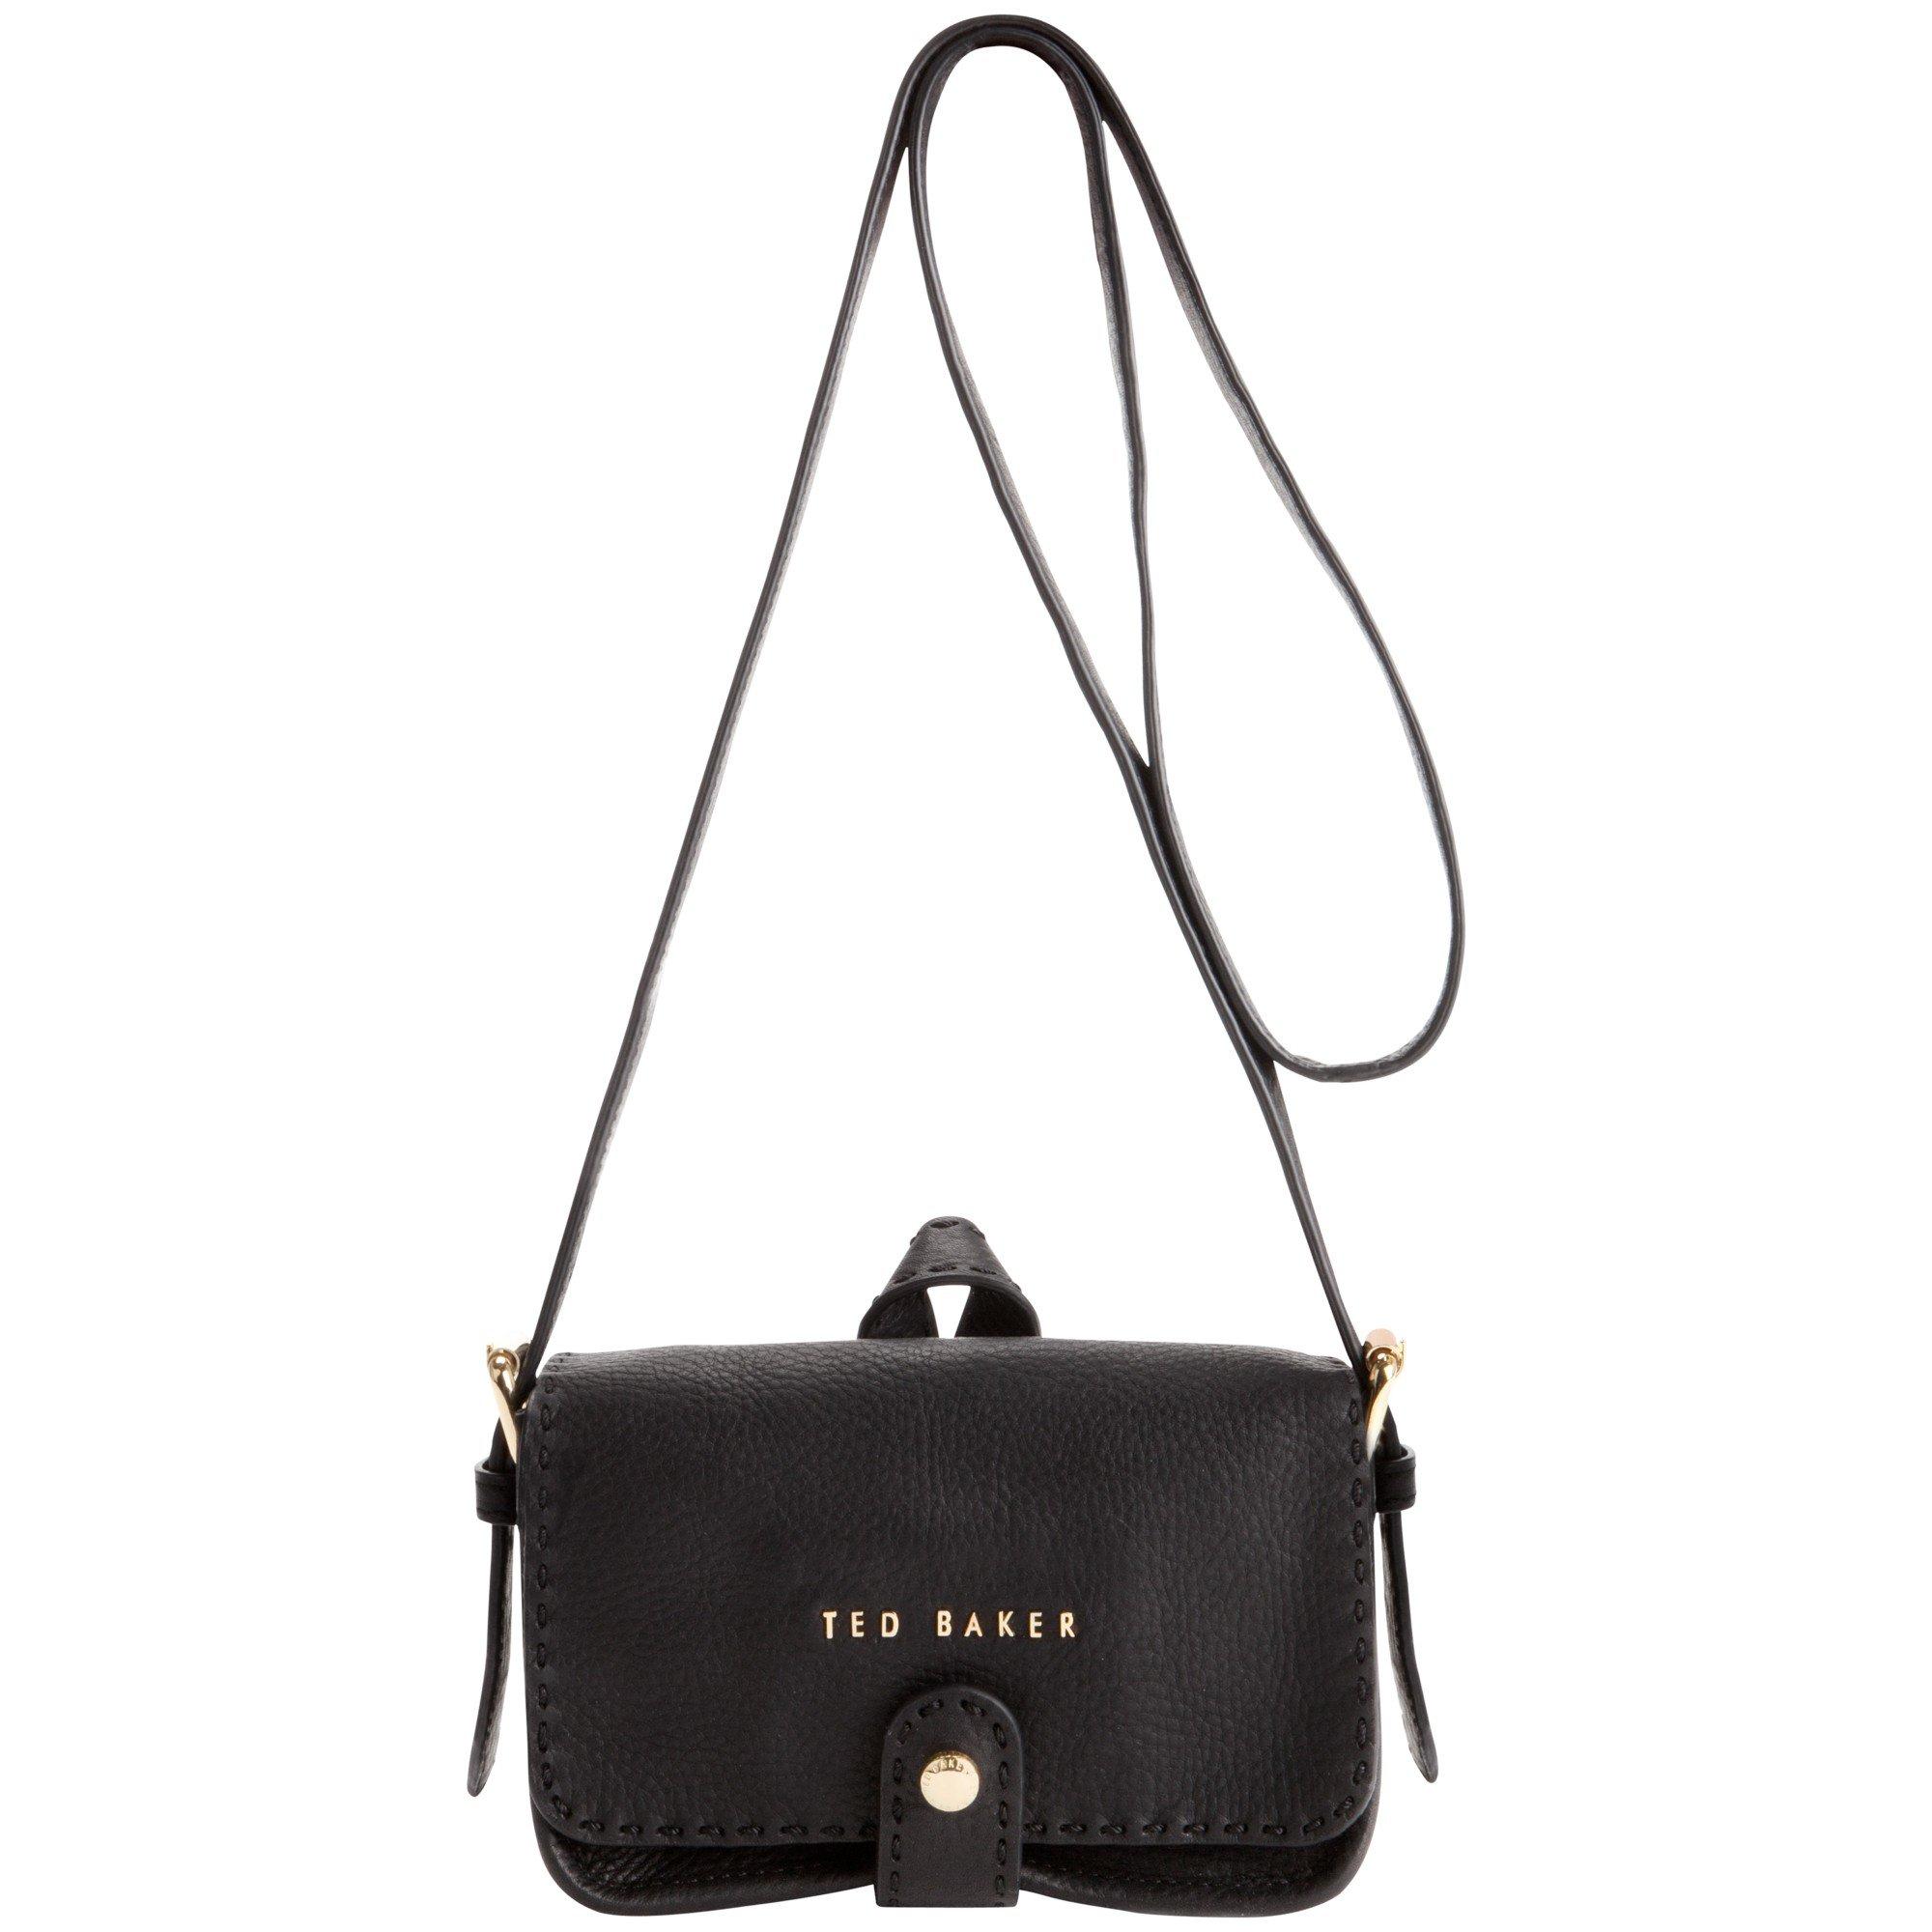 2694da935412 Ted Baker Minimar Stab Stitch Leather Cross Body Bag in Black - Lyst